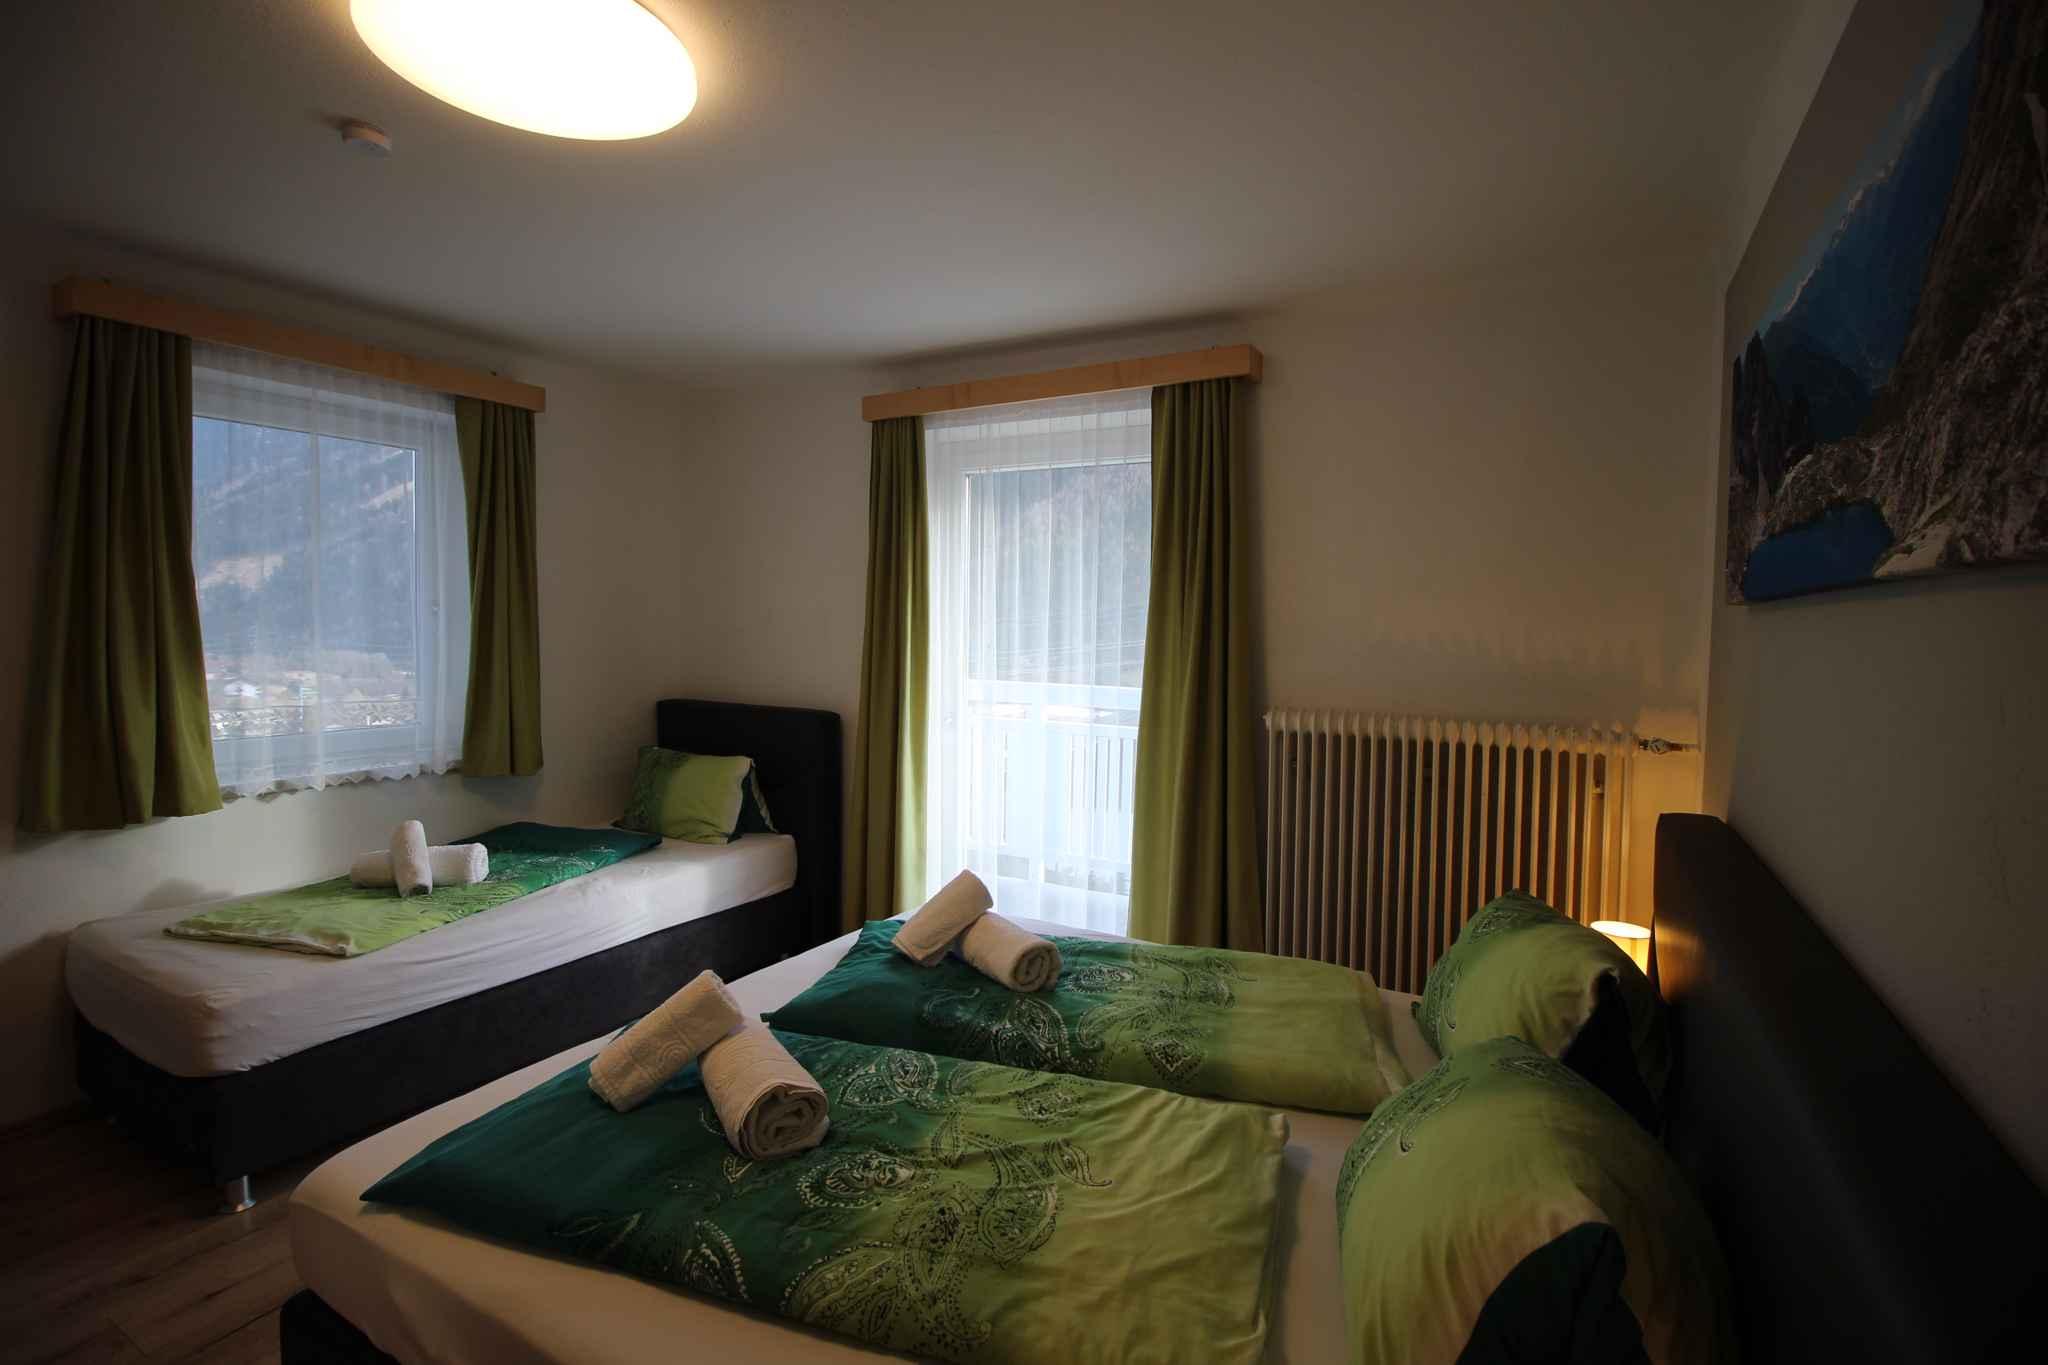 Ferienwohnung in ruhiger sonniger Lage (281292), Flattach, , Kärnten, Österreich, Bild 13